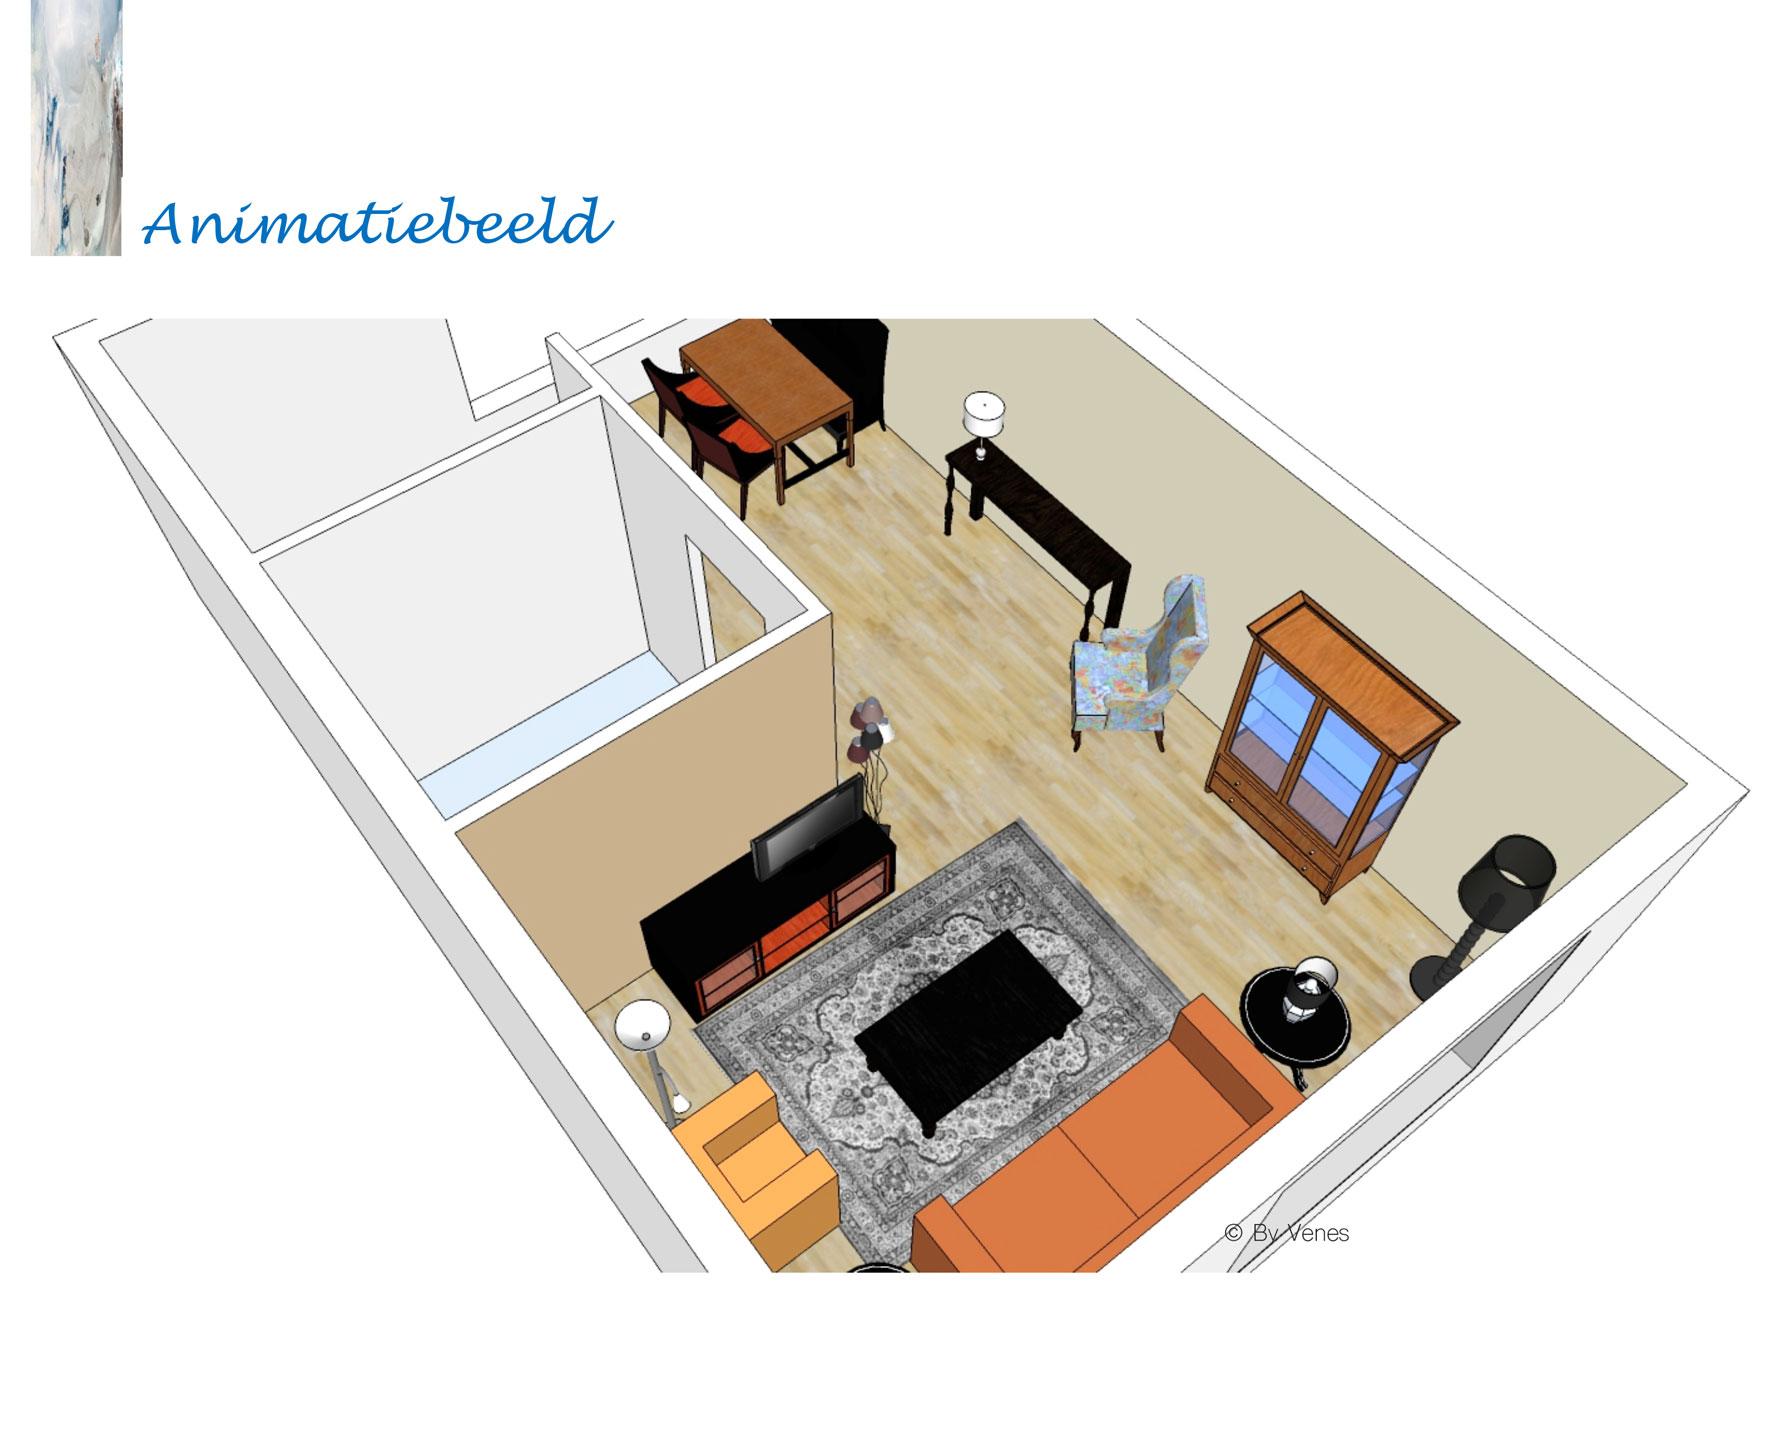 3D Animatie woonkamer interieurplan Heerlen-By Venes